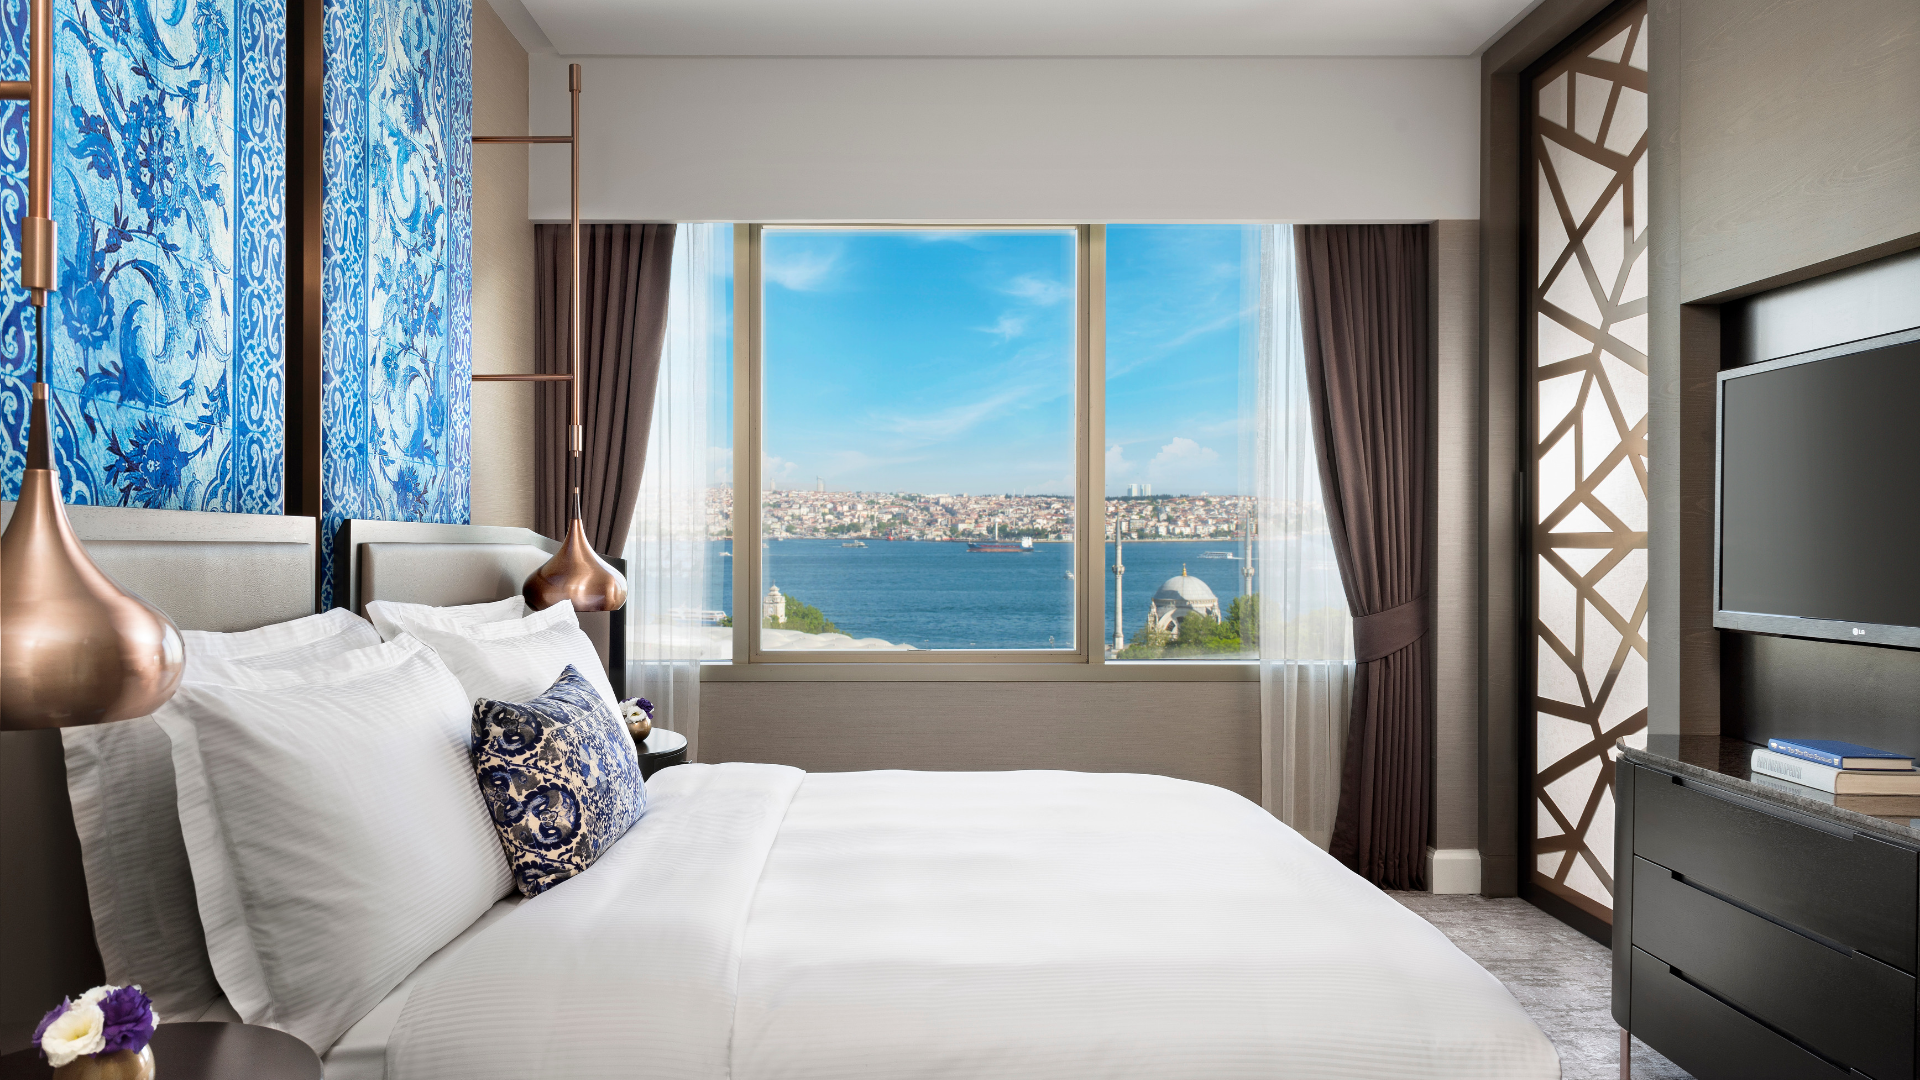 The Escape | The Ritz-Carlton, Istanbul